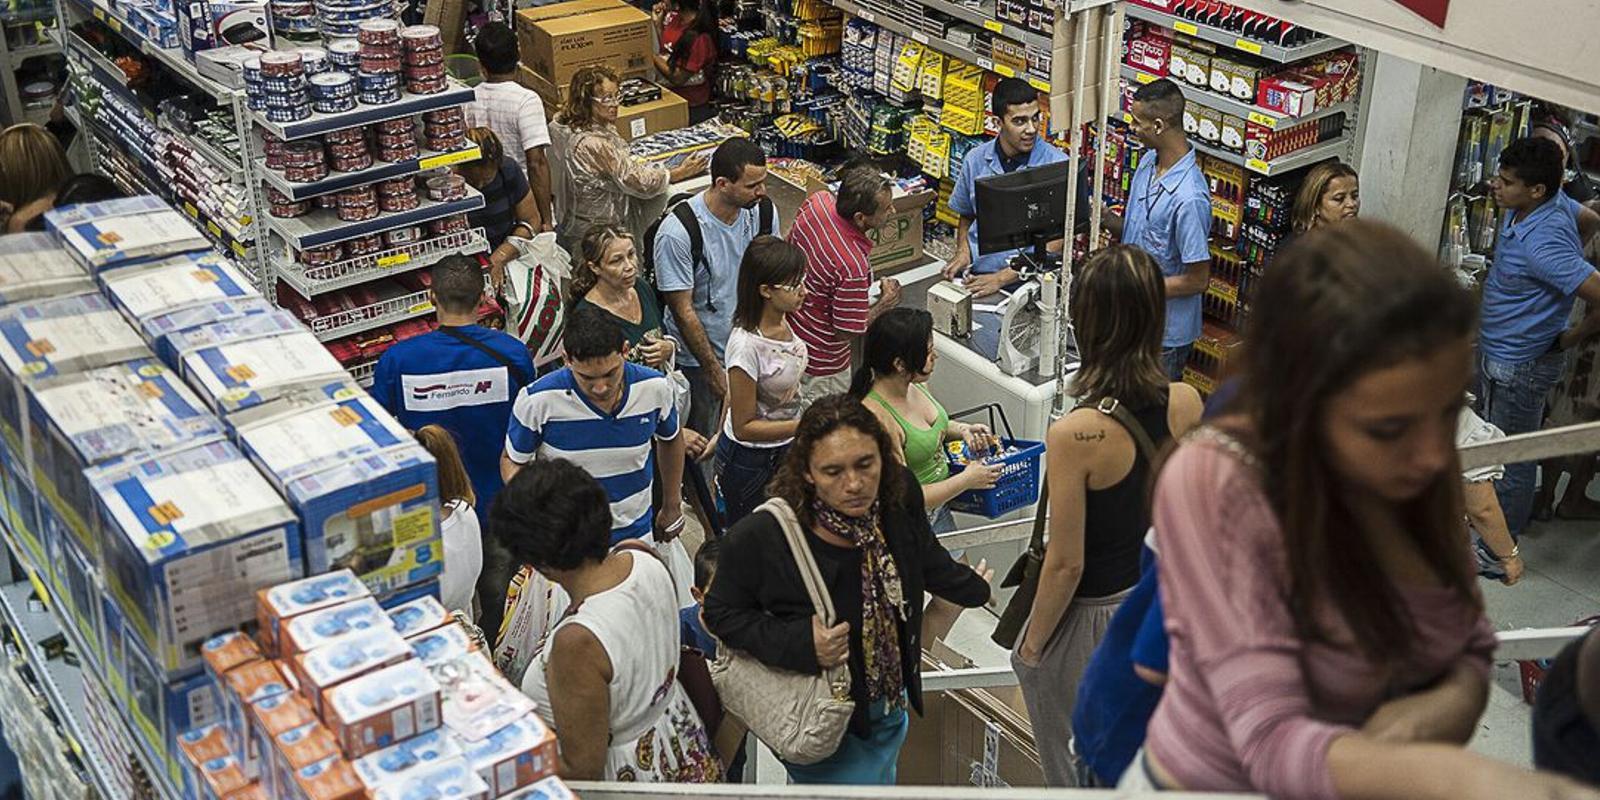 Percentual de famílias brasileiras endividadas cresce no país